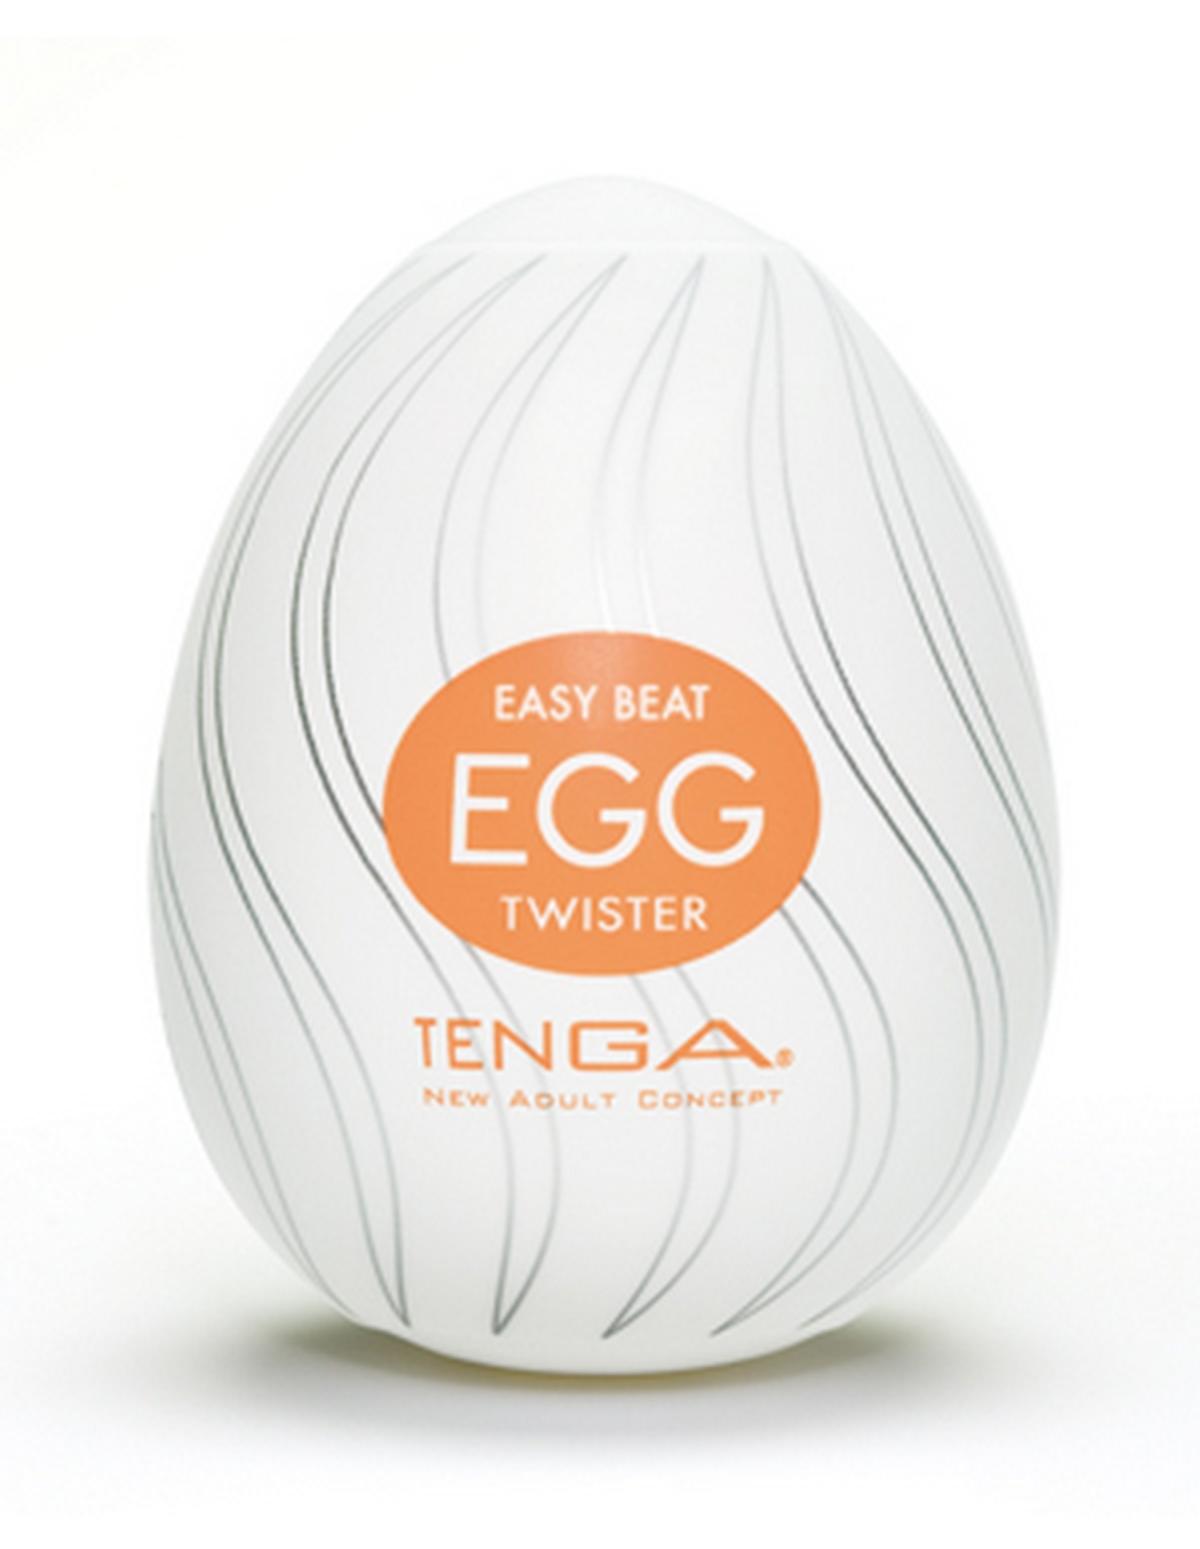 Twister Tenga Egg